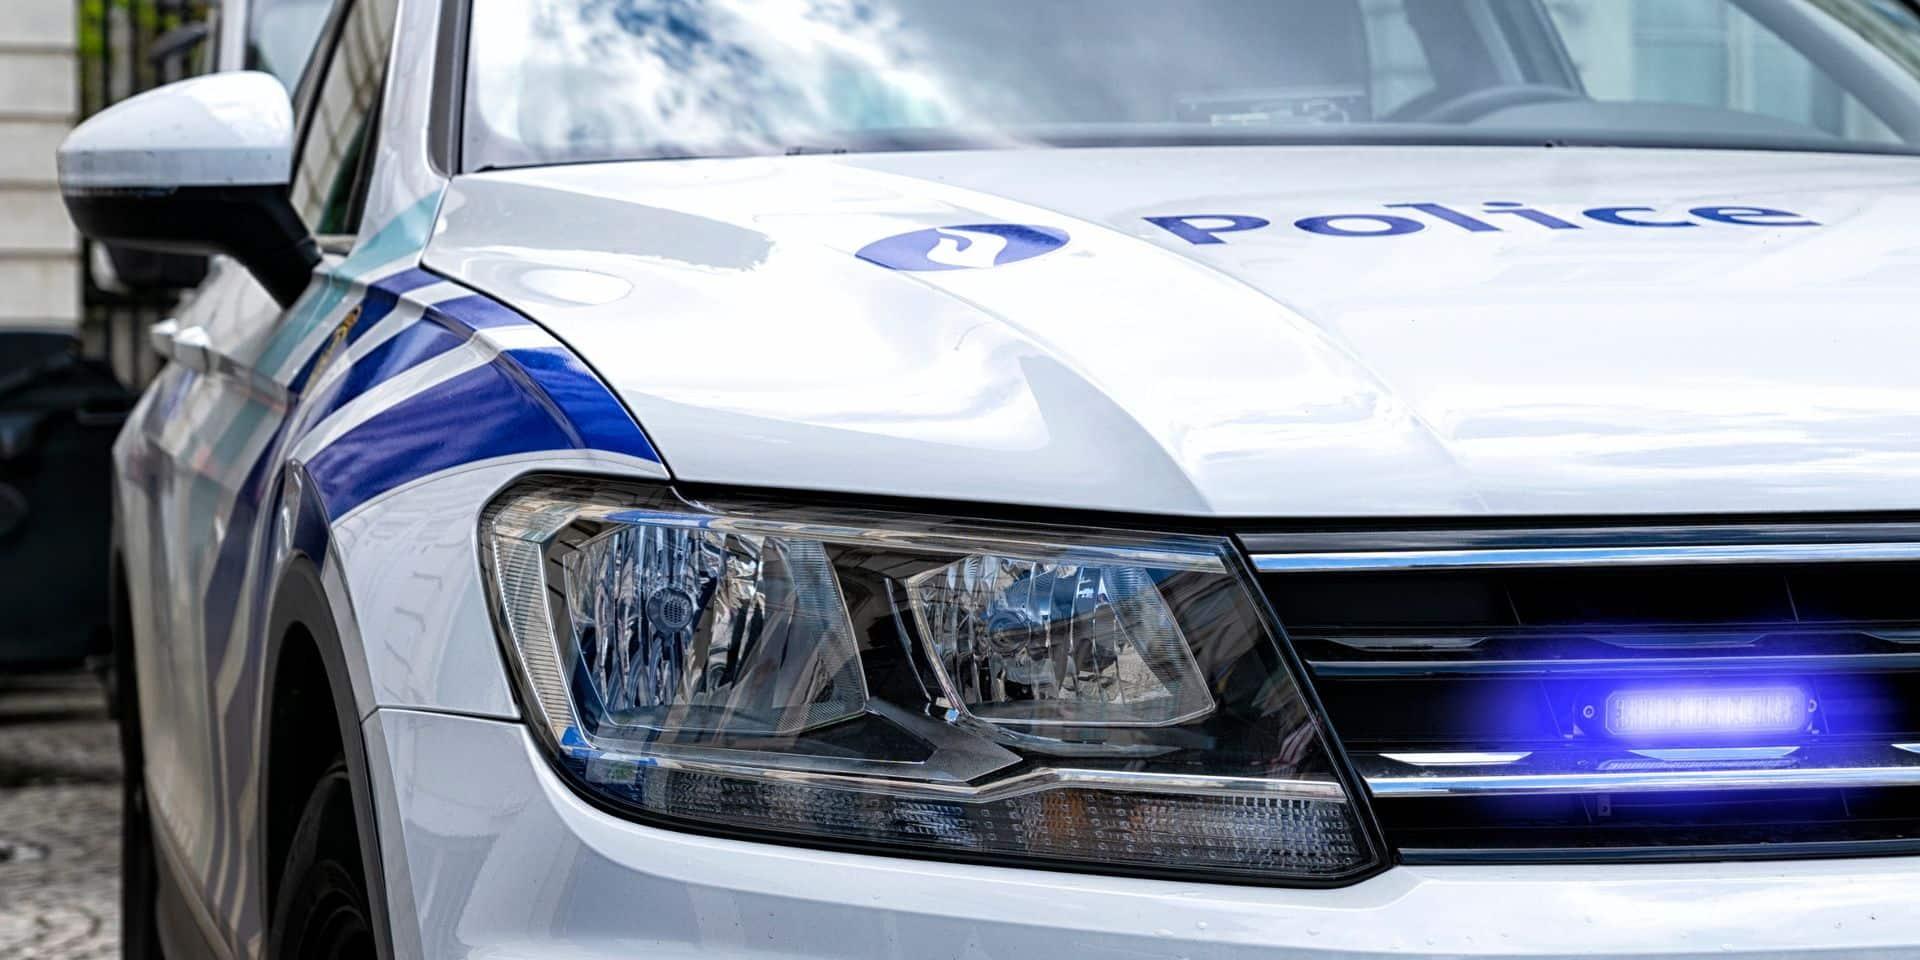 Dramatique accident de la circulation à Walcourt: un automobiliste perd la vie suite à une collision